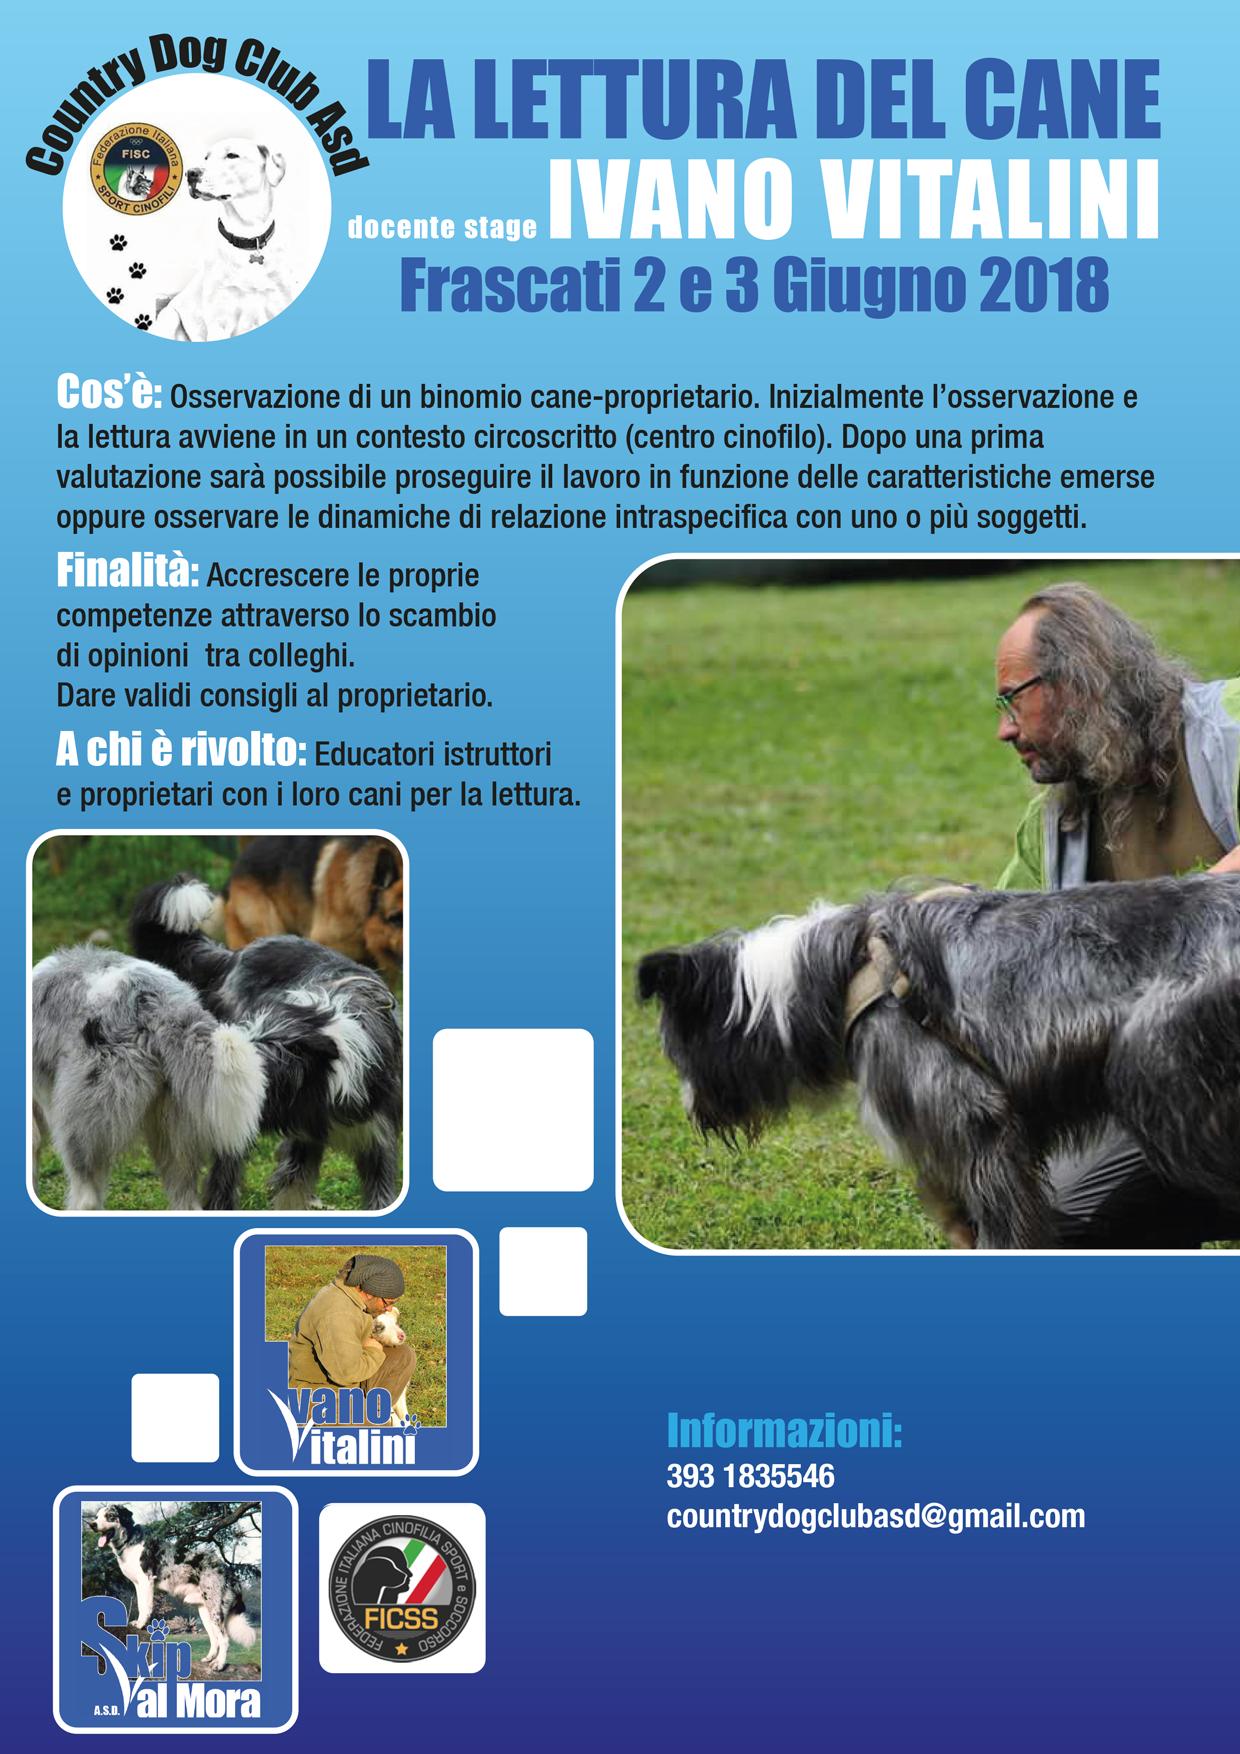 Frascati (RM) 2 e 3 Giugno 2018 - Lettura del cane con Ivano Vitalini